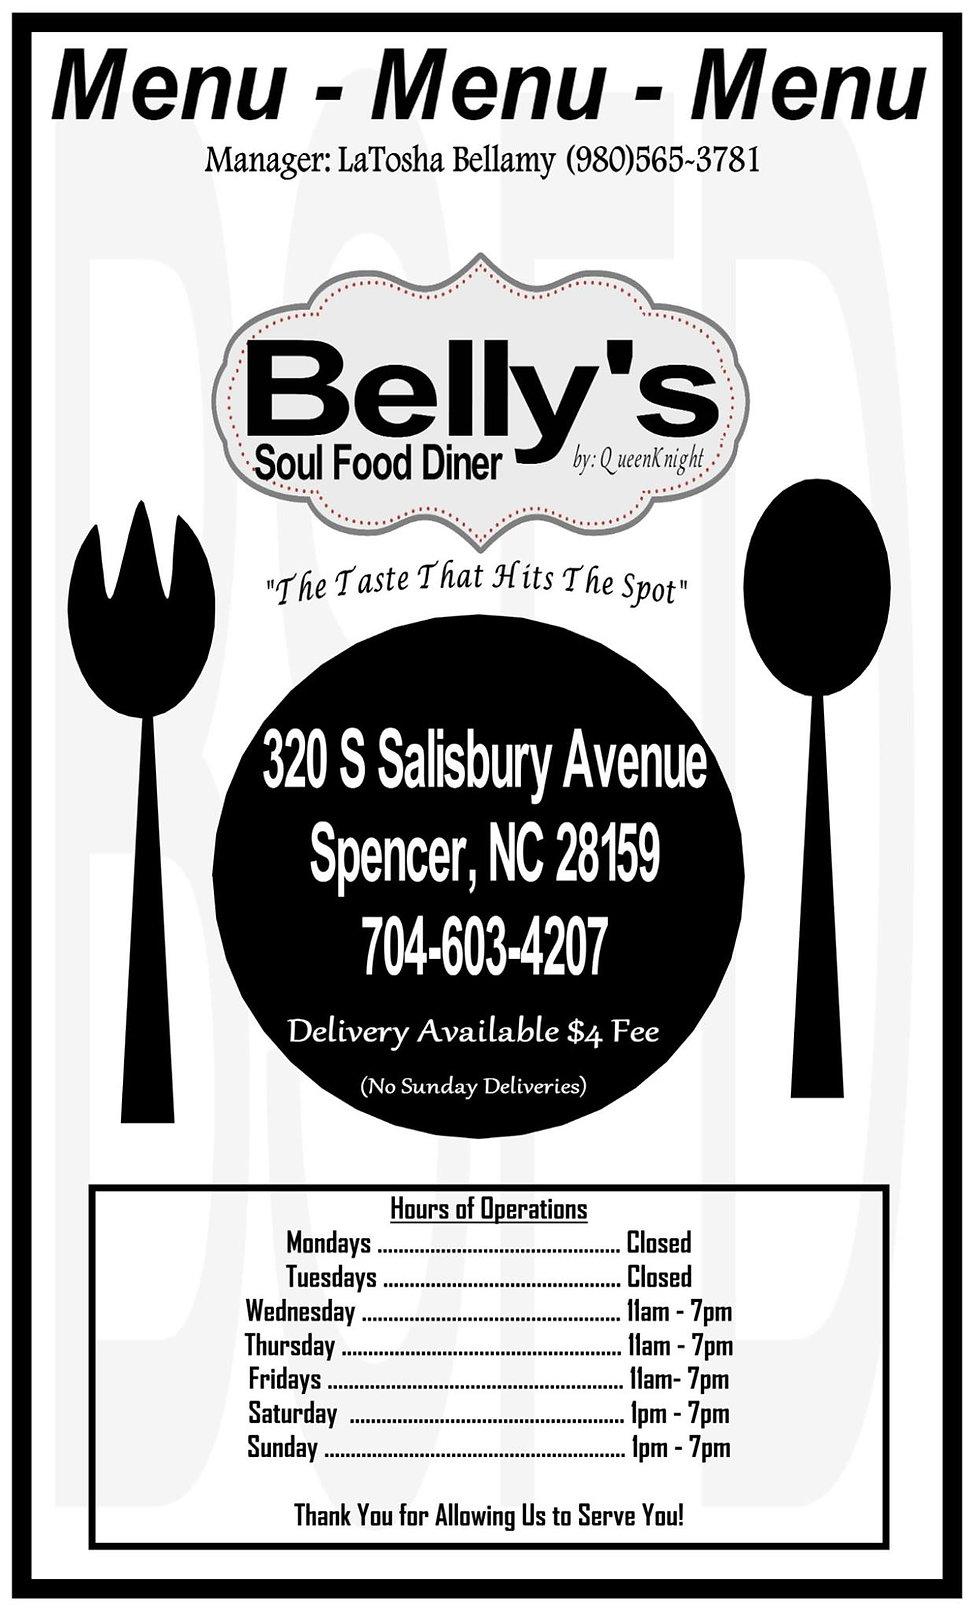 BELLYS1.jpg